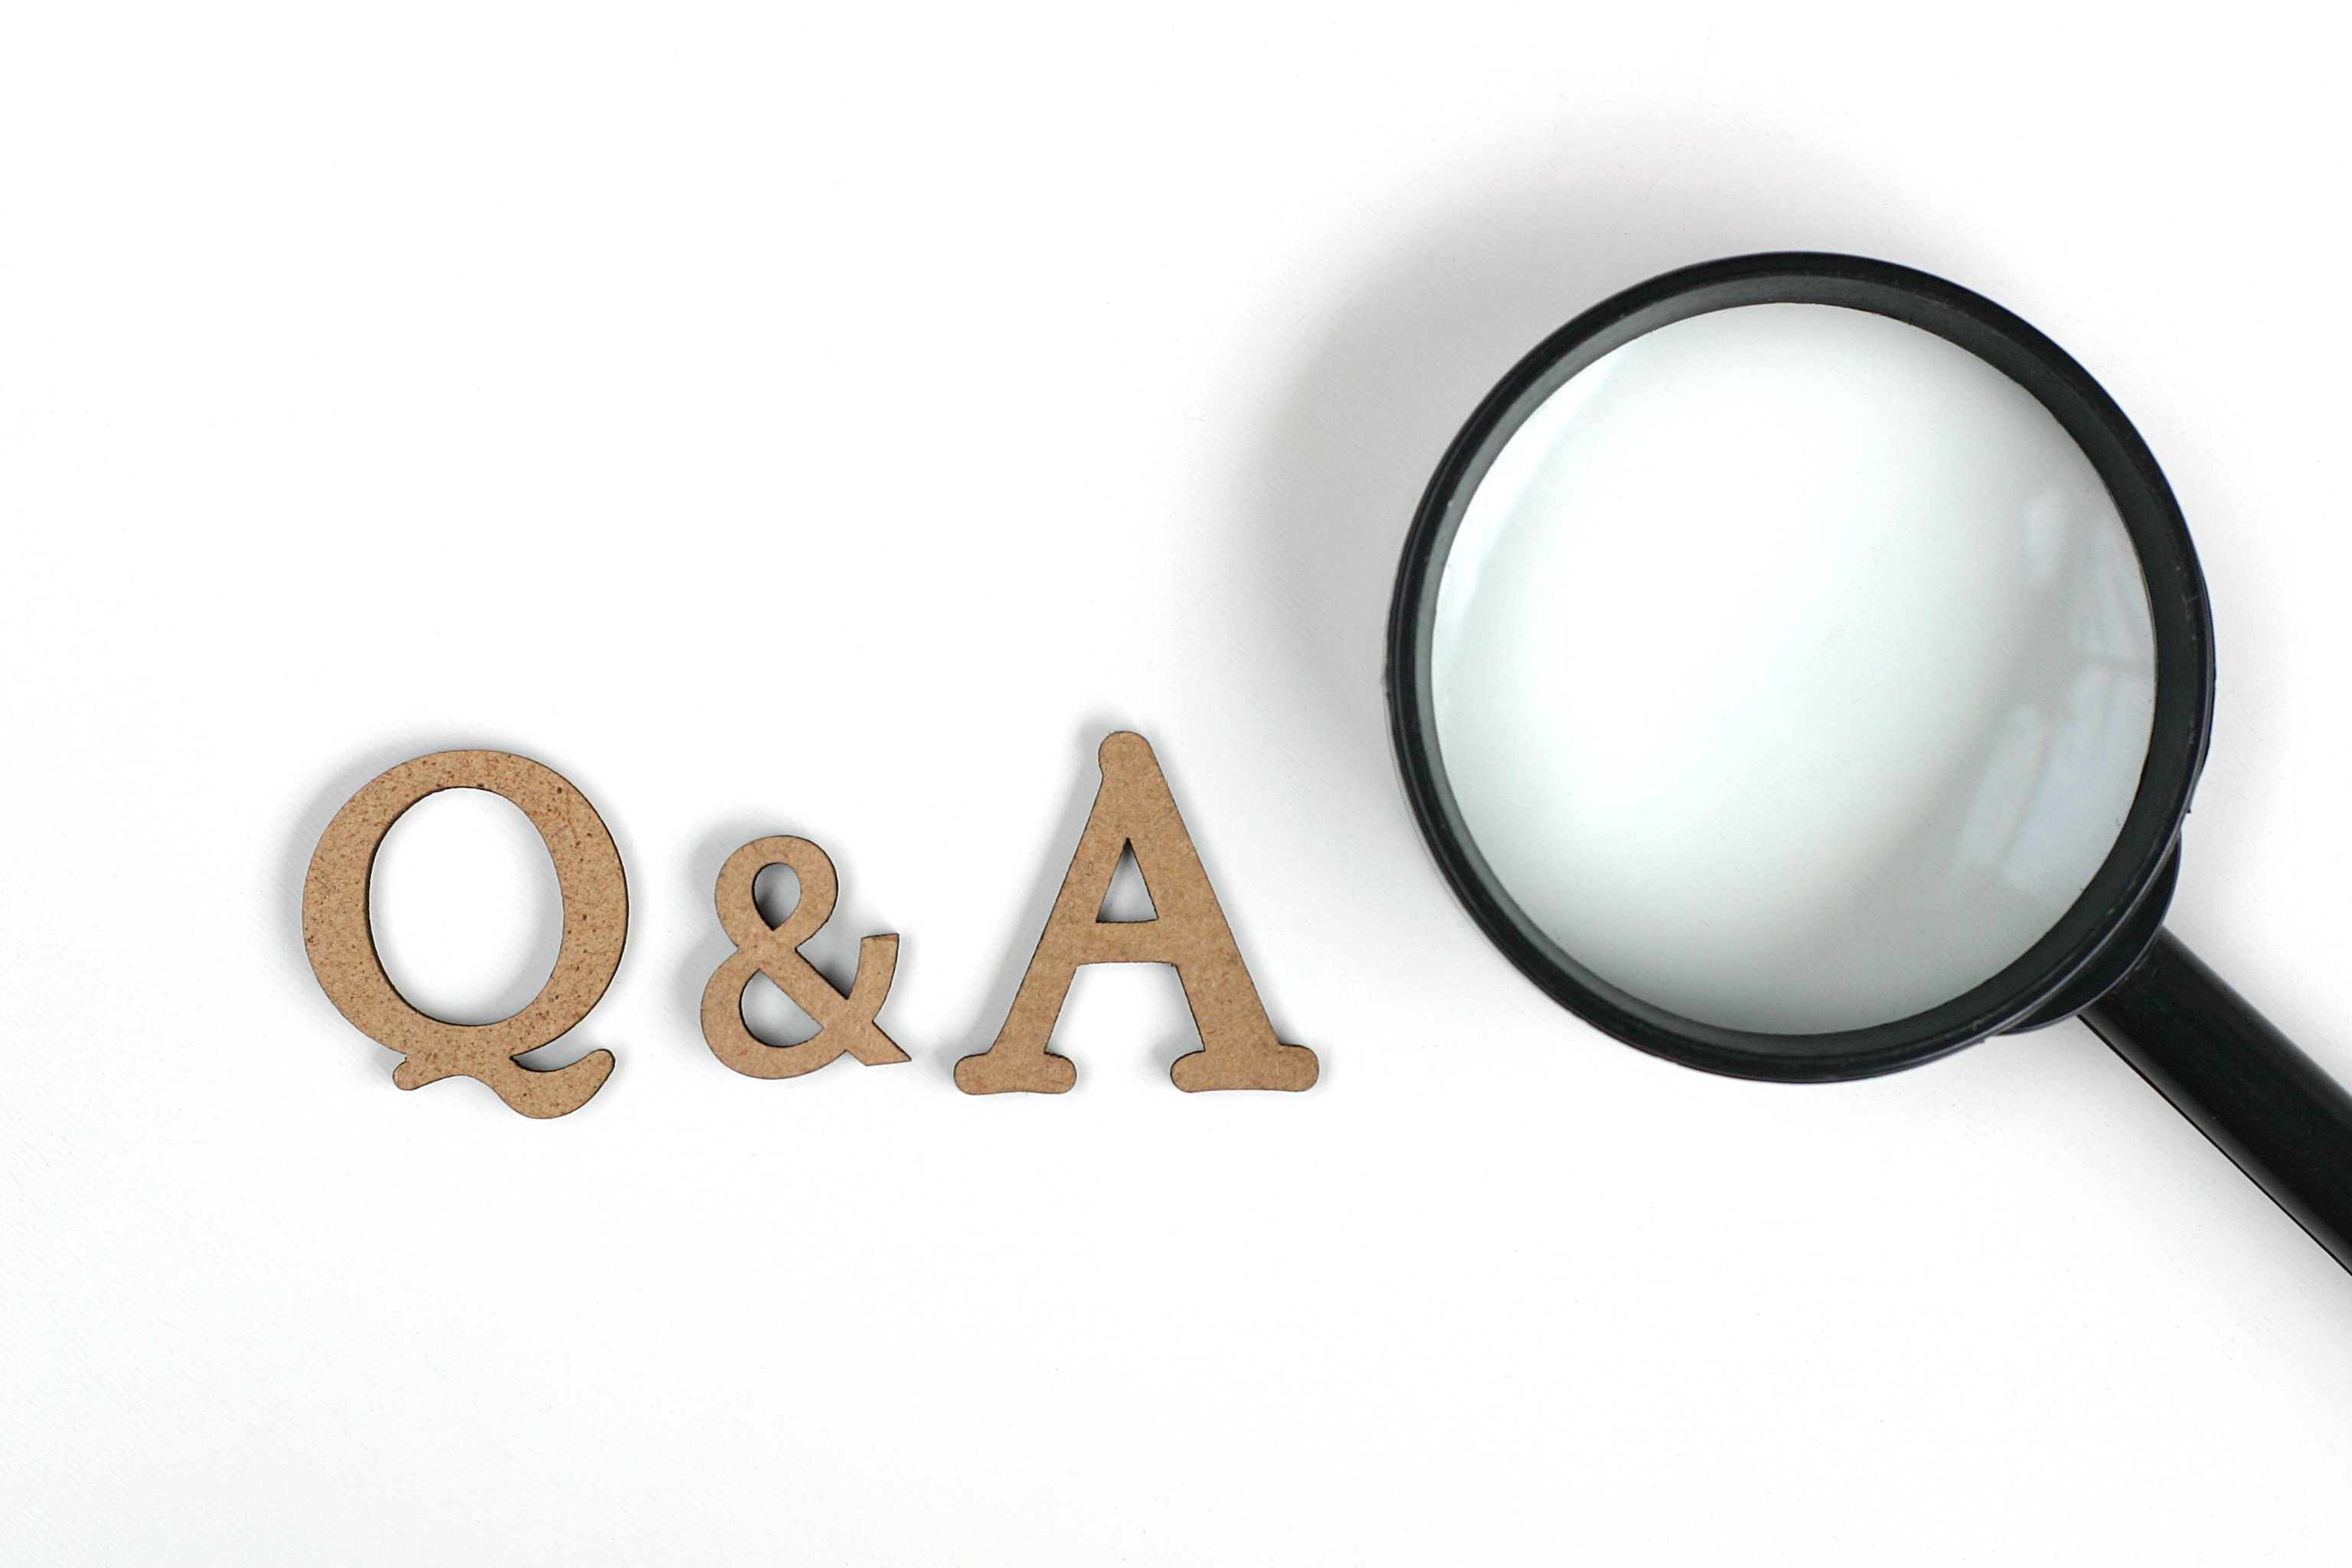 何の実績がなくても才能を見つけられますか?:才能心理学Q&A